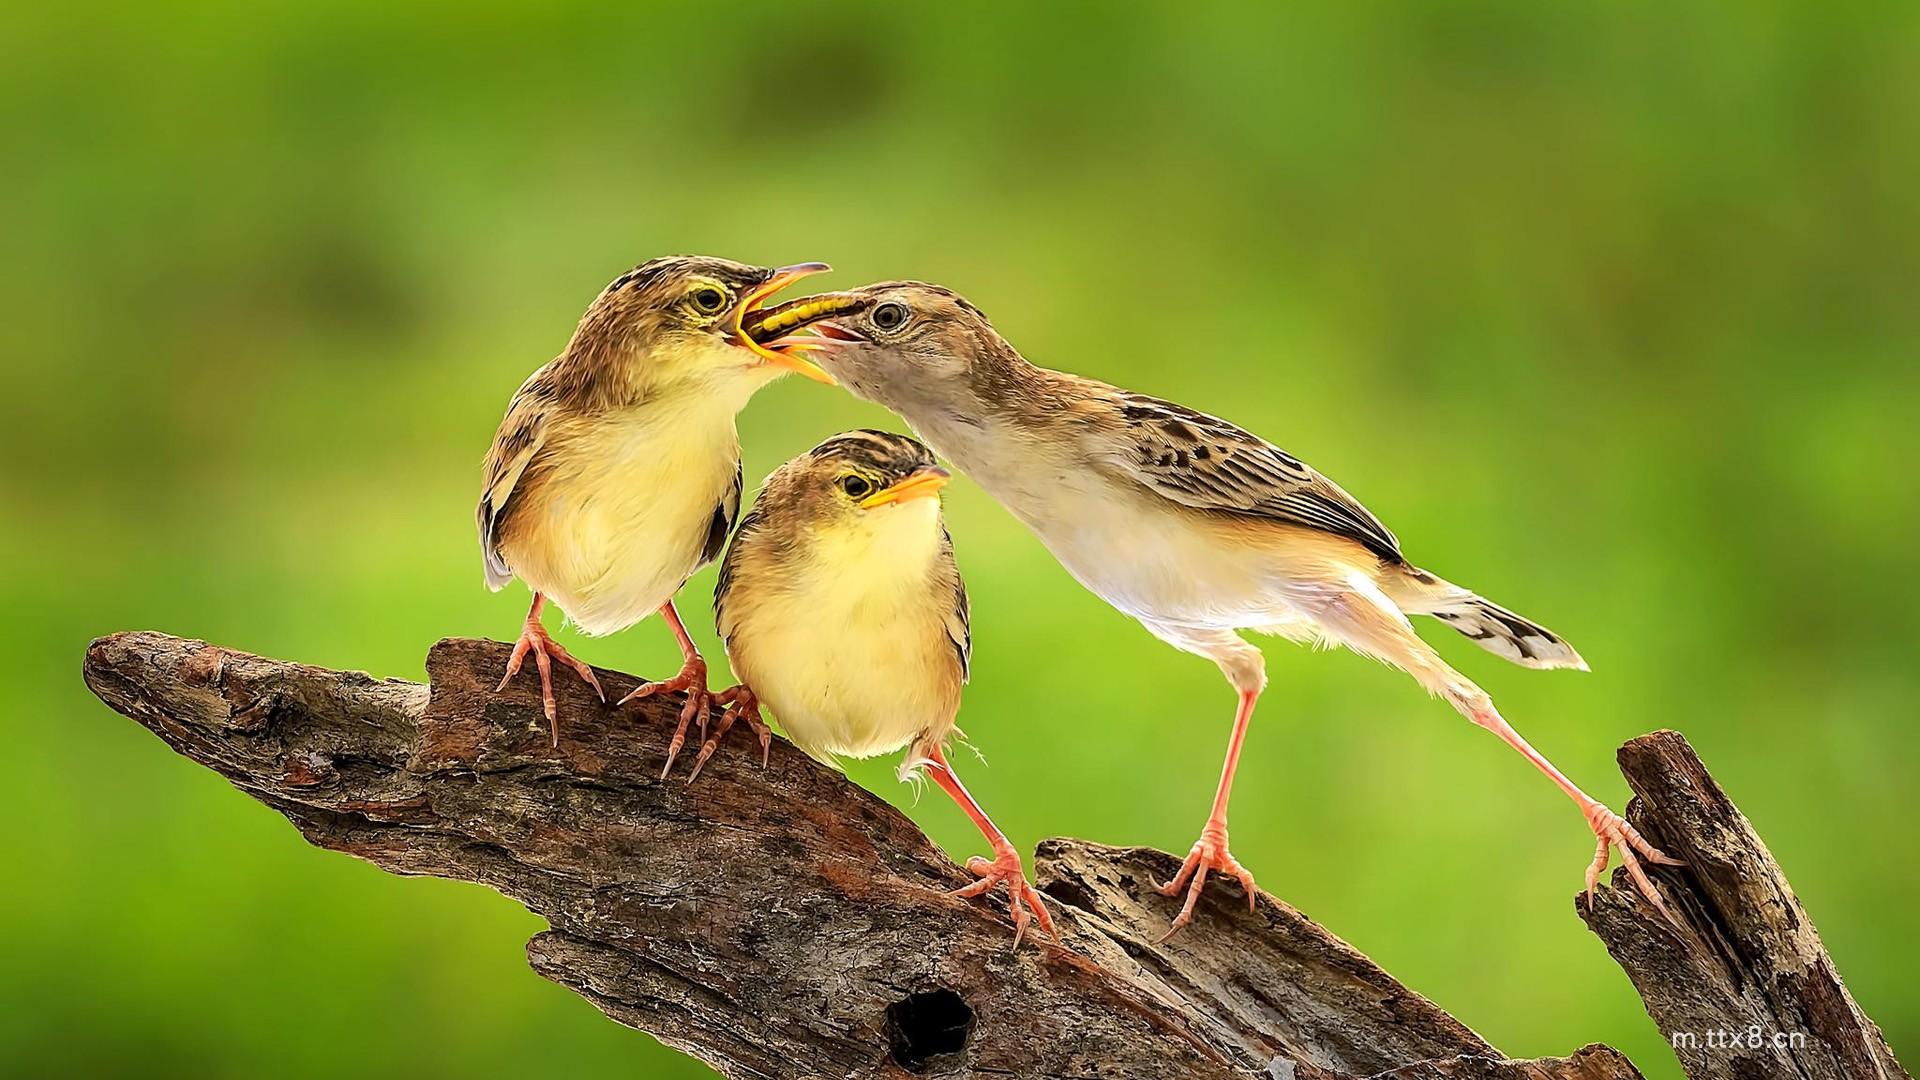 鸟,喂食,爱,树段,可爱鸟儿桌面壁纸(1920x1080).jpg